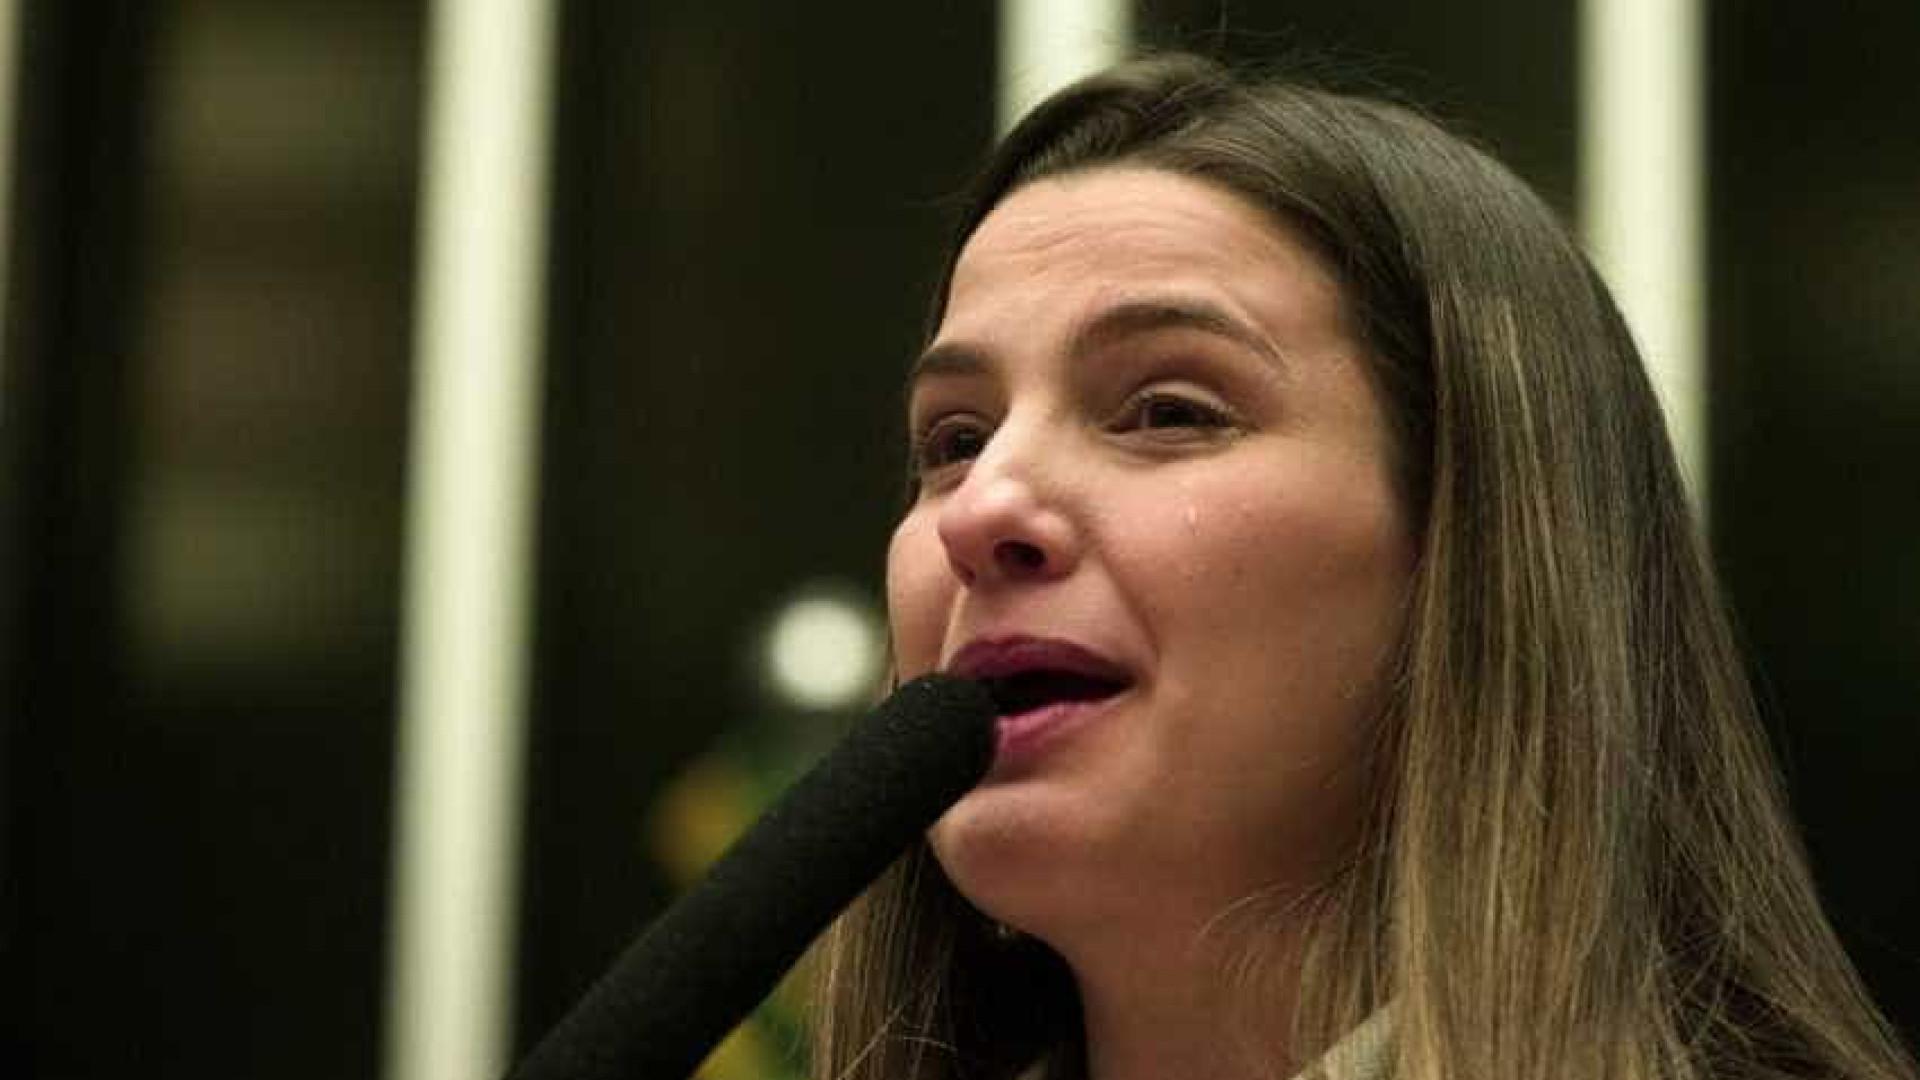 Cadeia em Benfica é 'cova de leões' para Garotinho, diz filha deputada